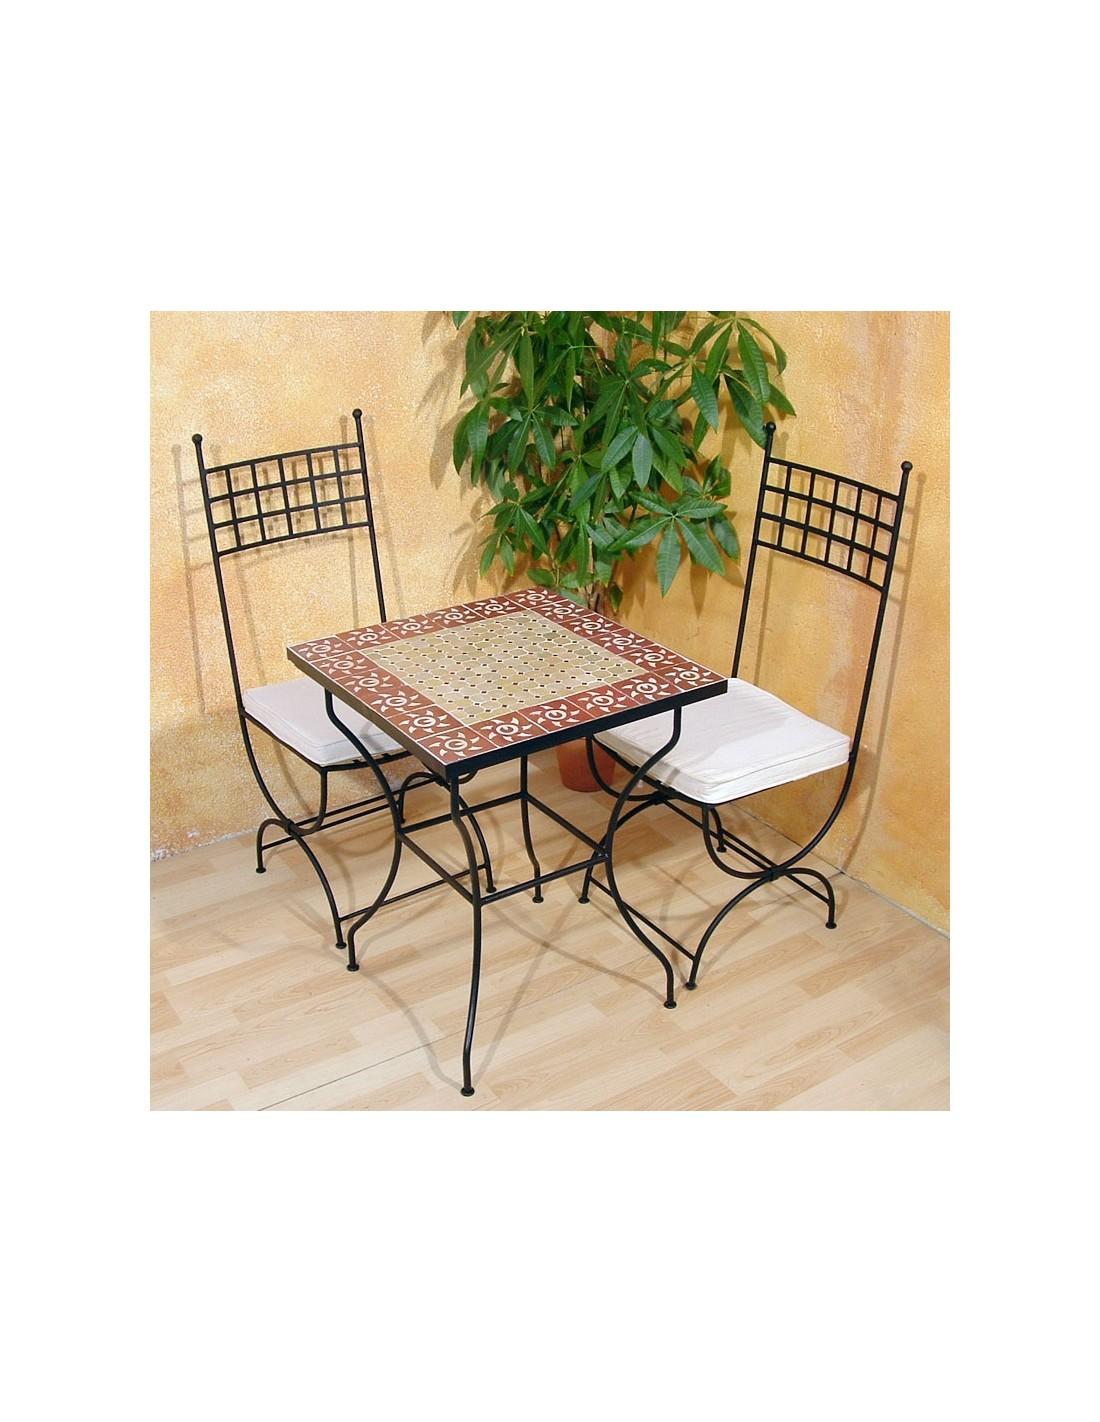 mosaiktisch sumil 60x60cm bistrotisch aus marokko. Black Bedroom Furniture Sets. Home Design Ideas